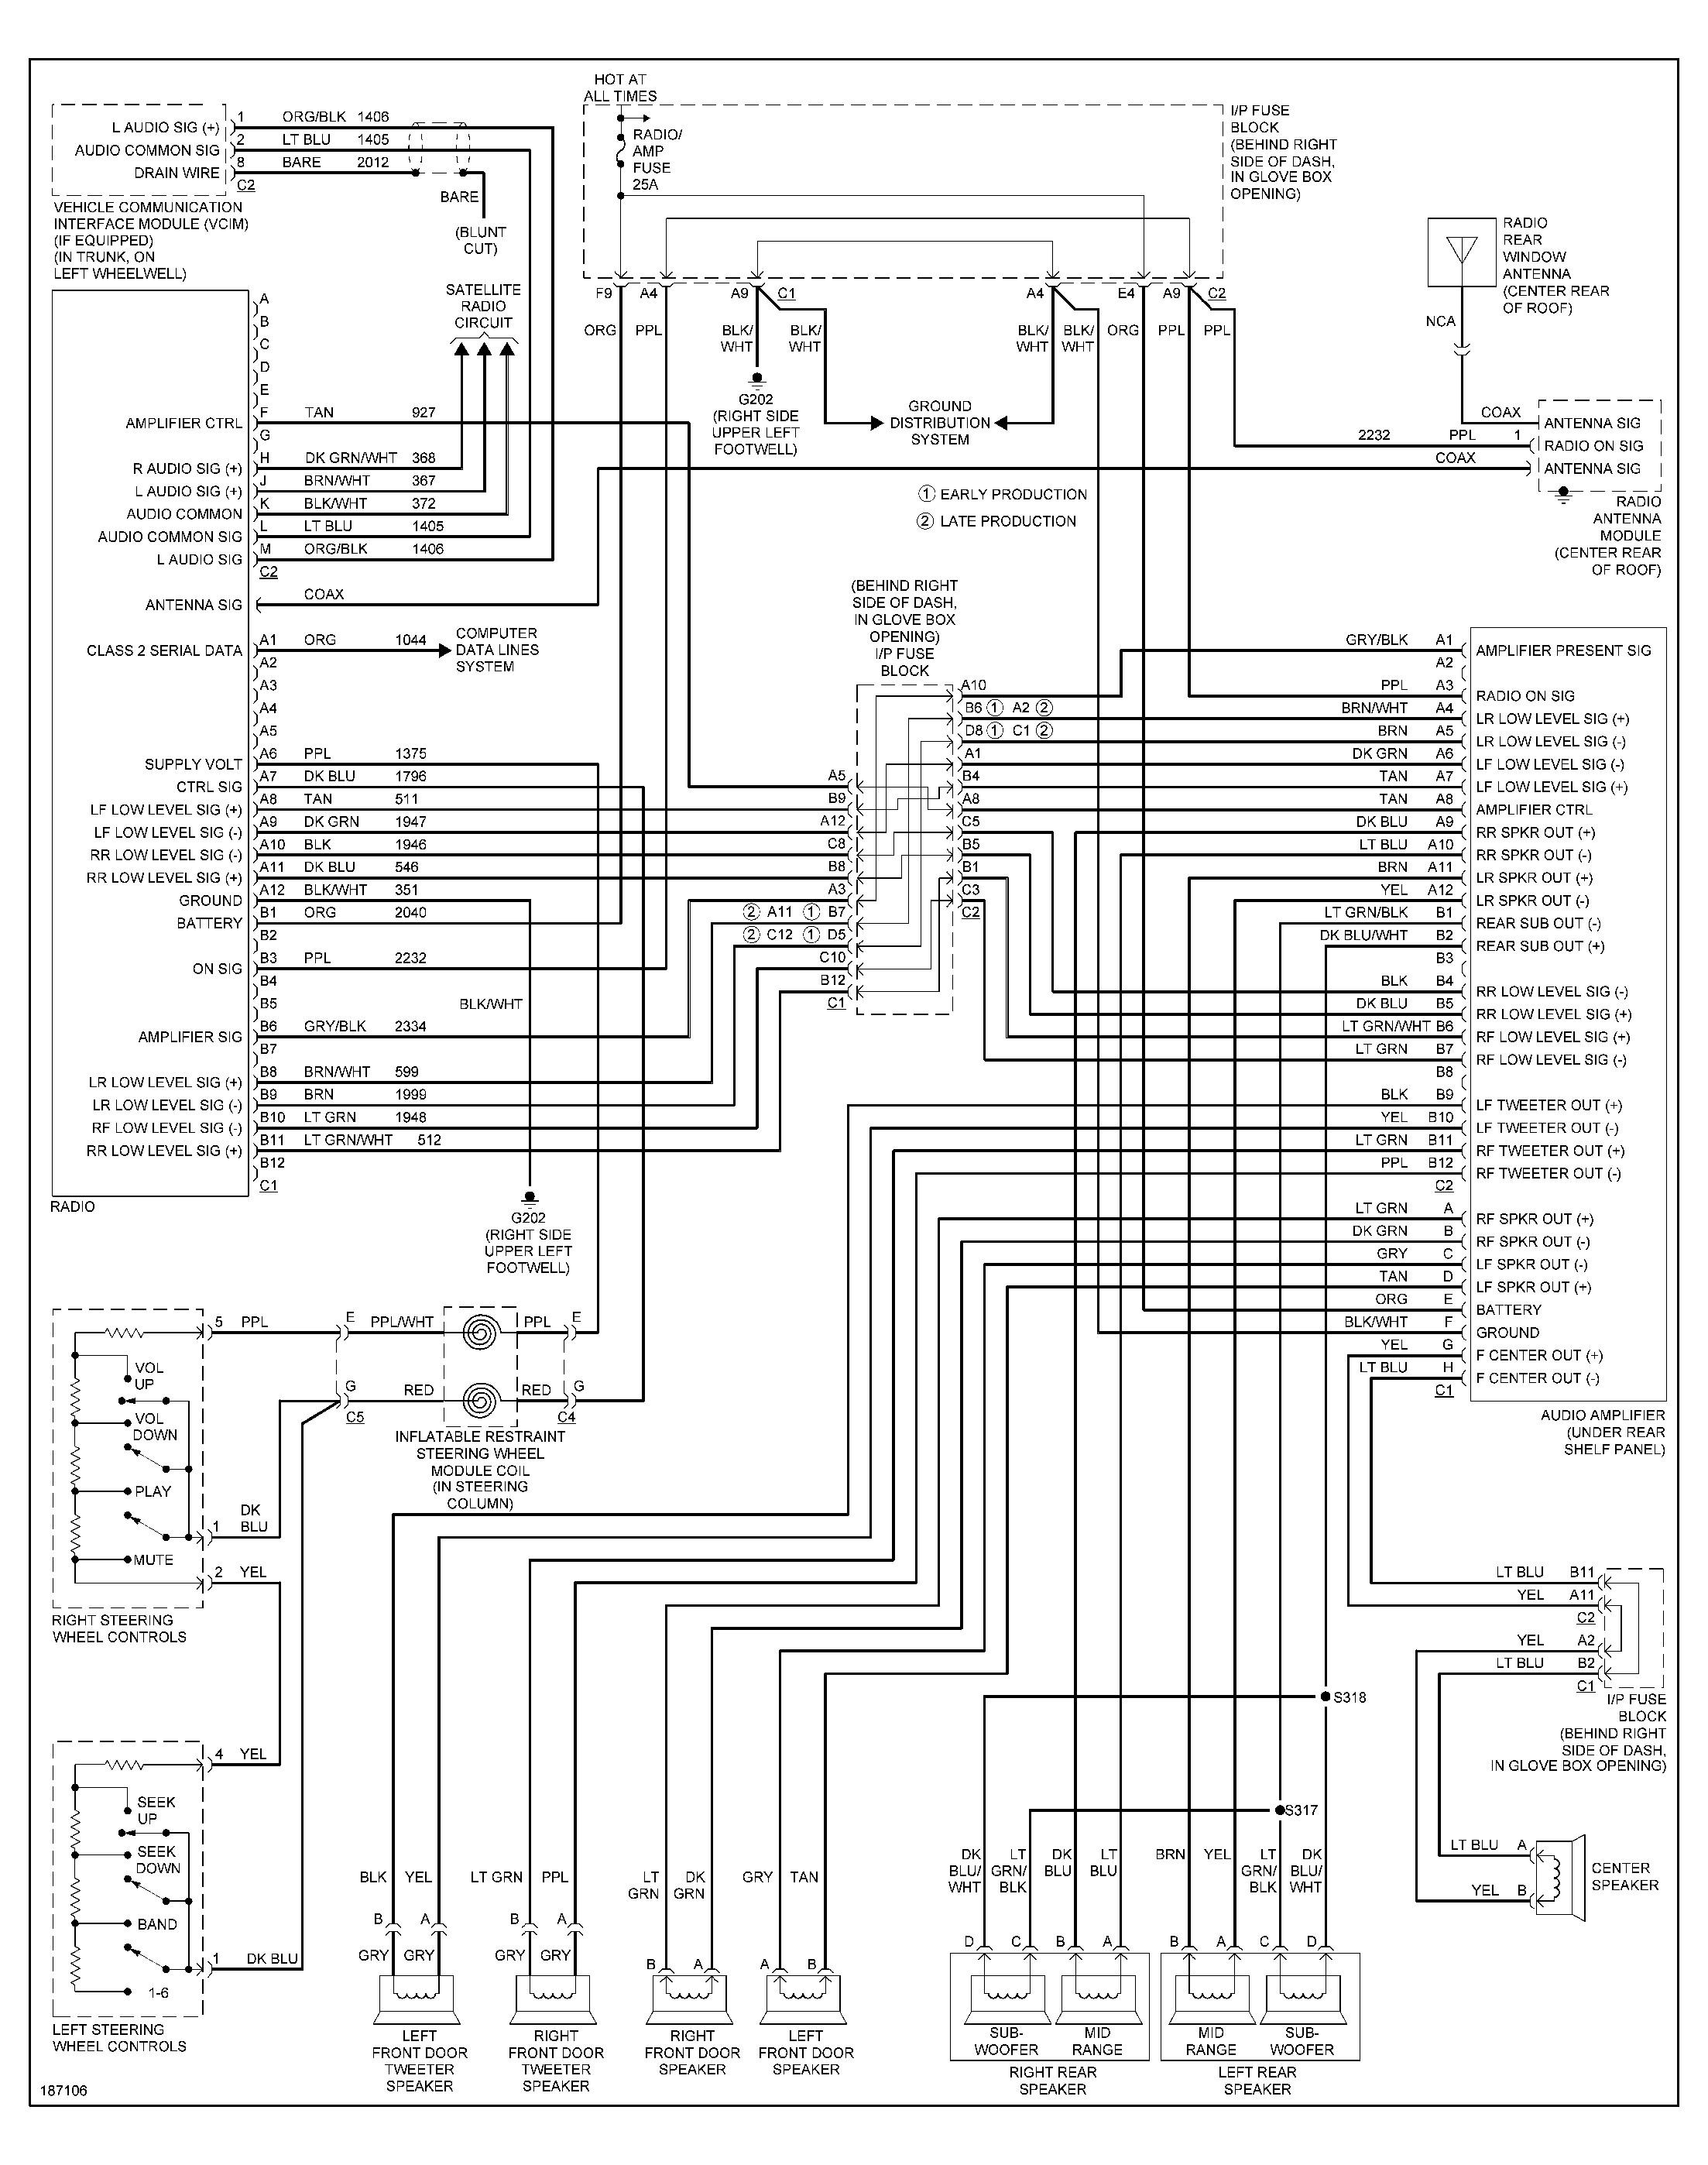 Pontiac Aztek Stereo Wiring Diagram